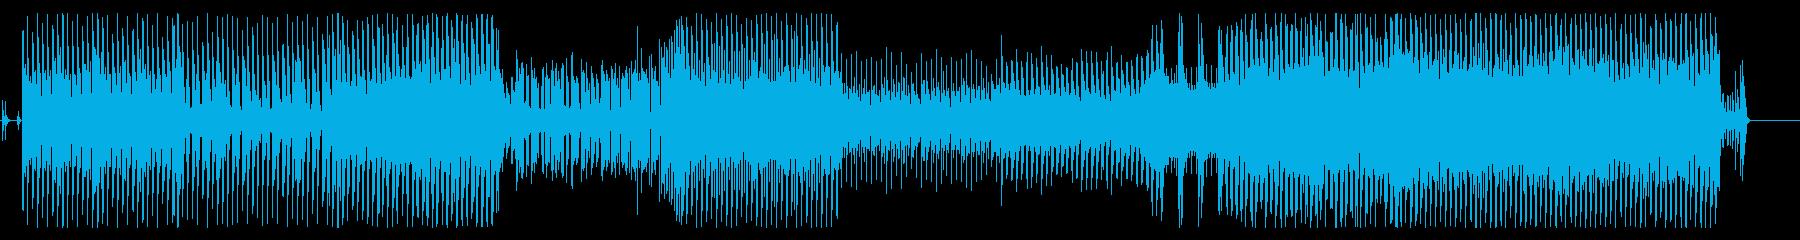 和楽器を使った怪しげな雰囲気のファンクの再生済みの波形